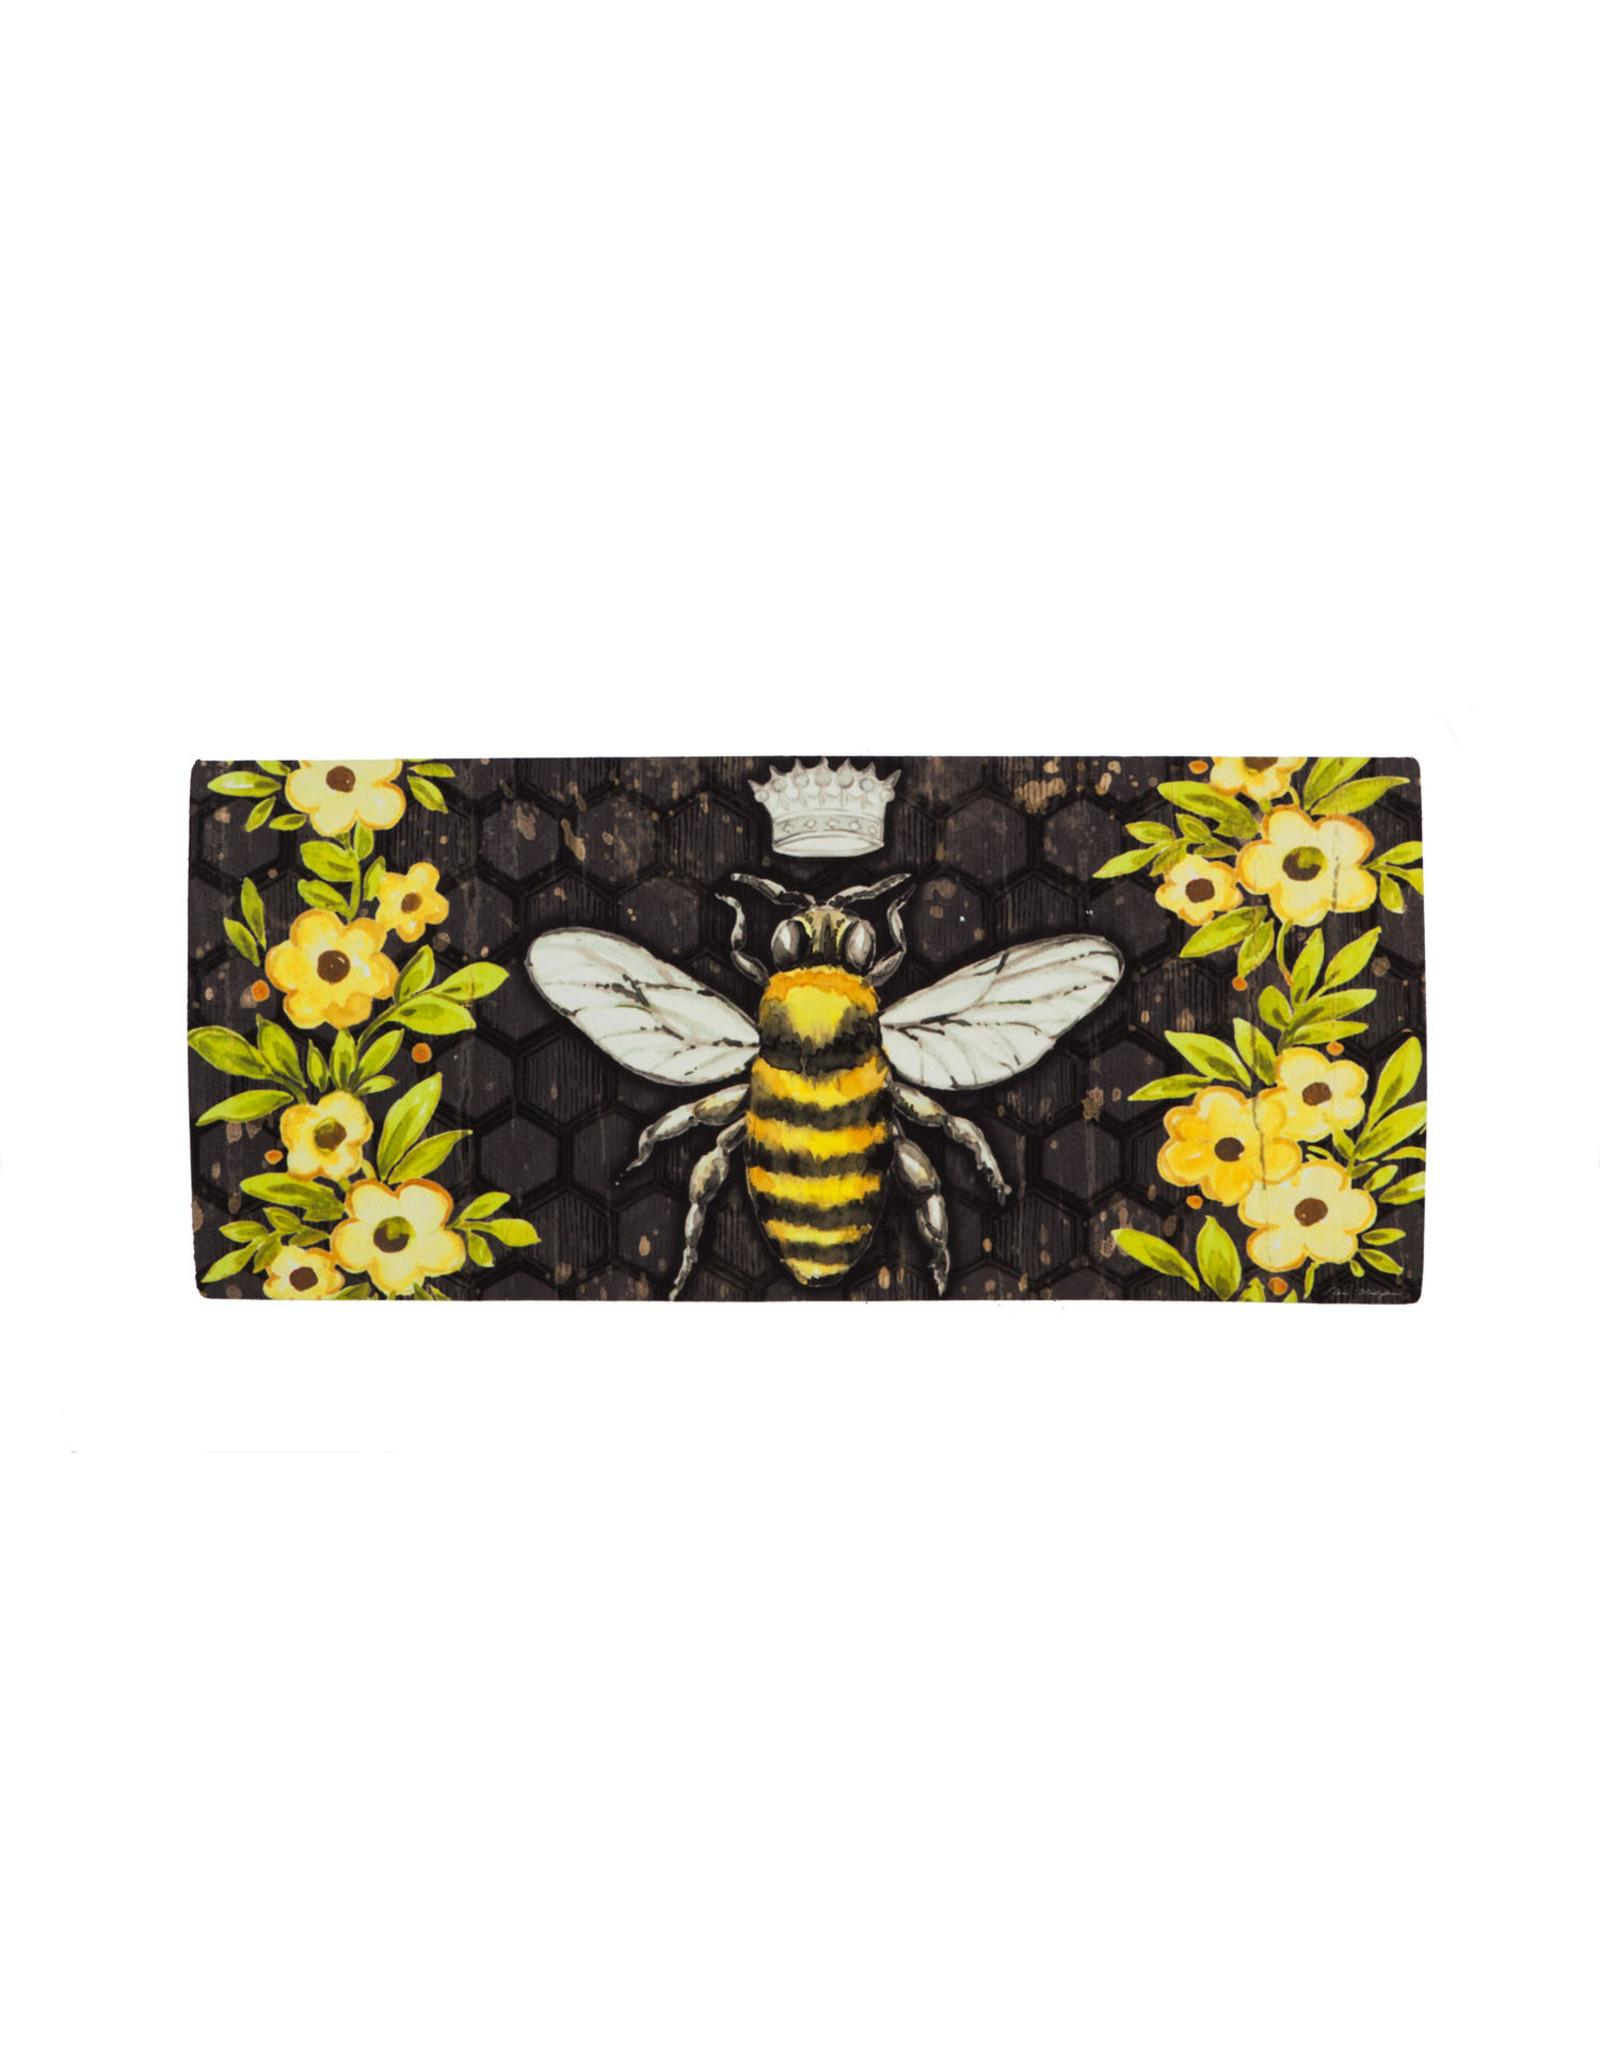 Sassafras EE1615  Sassafras Switch Mat Bee Happy Queen Bee ( No Tray)